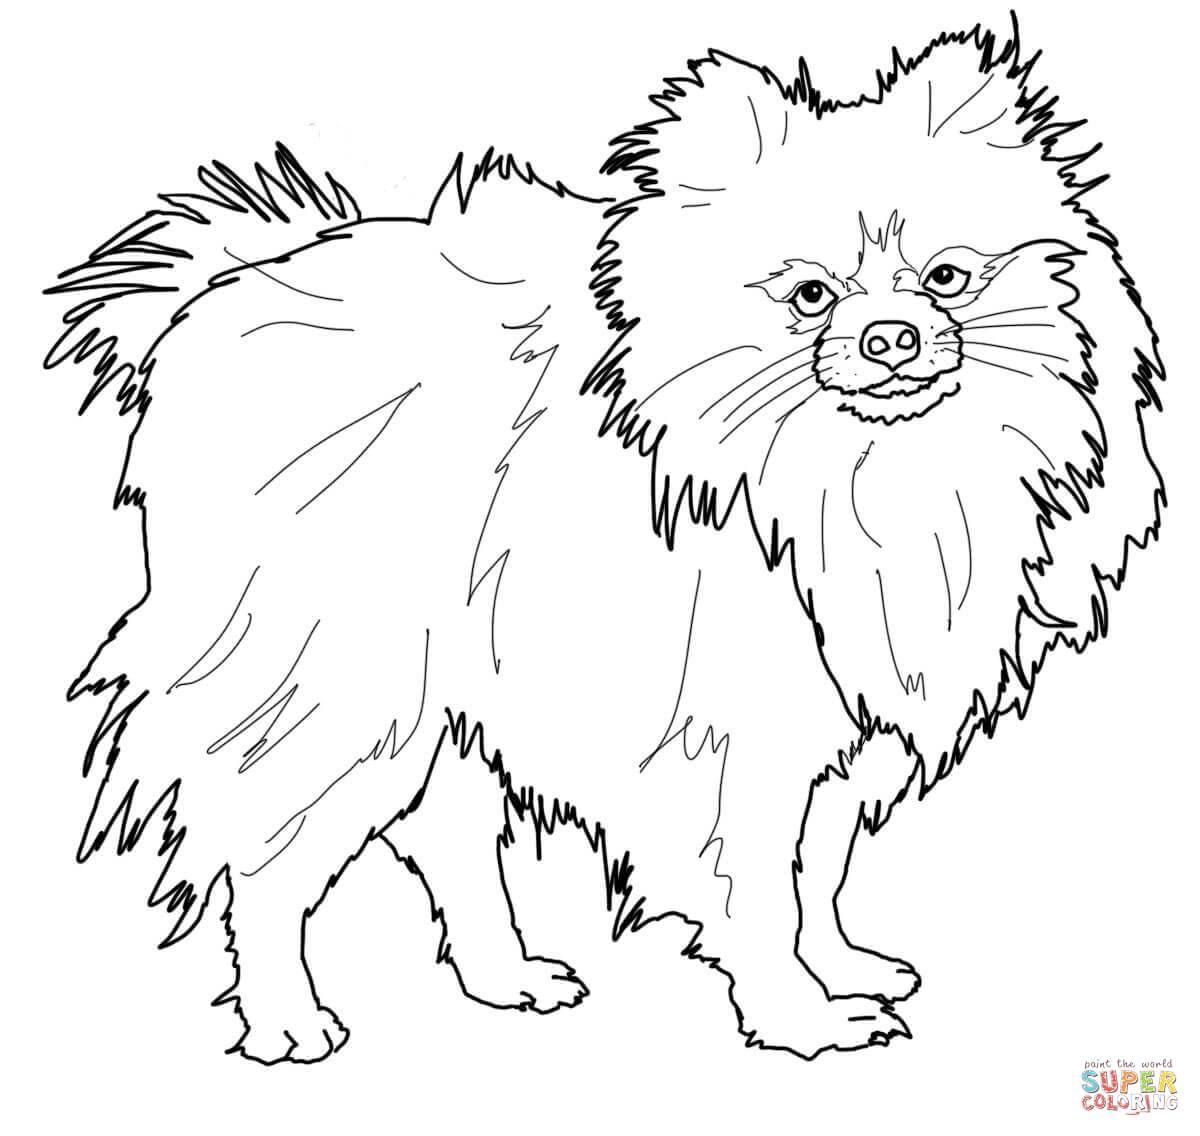 Malowanki Pies Kolorowanka Szpic Miniaturowy Kolorowanki Dla